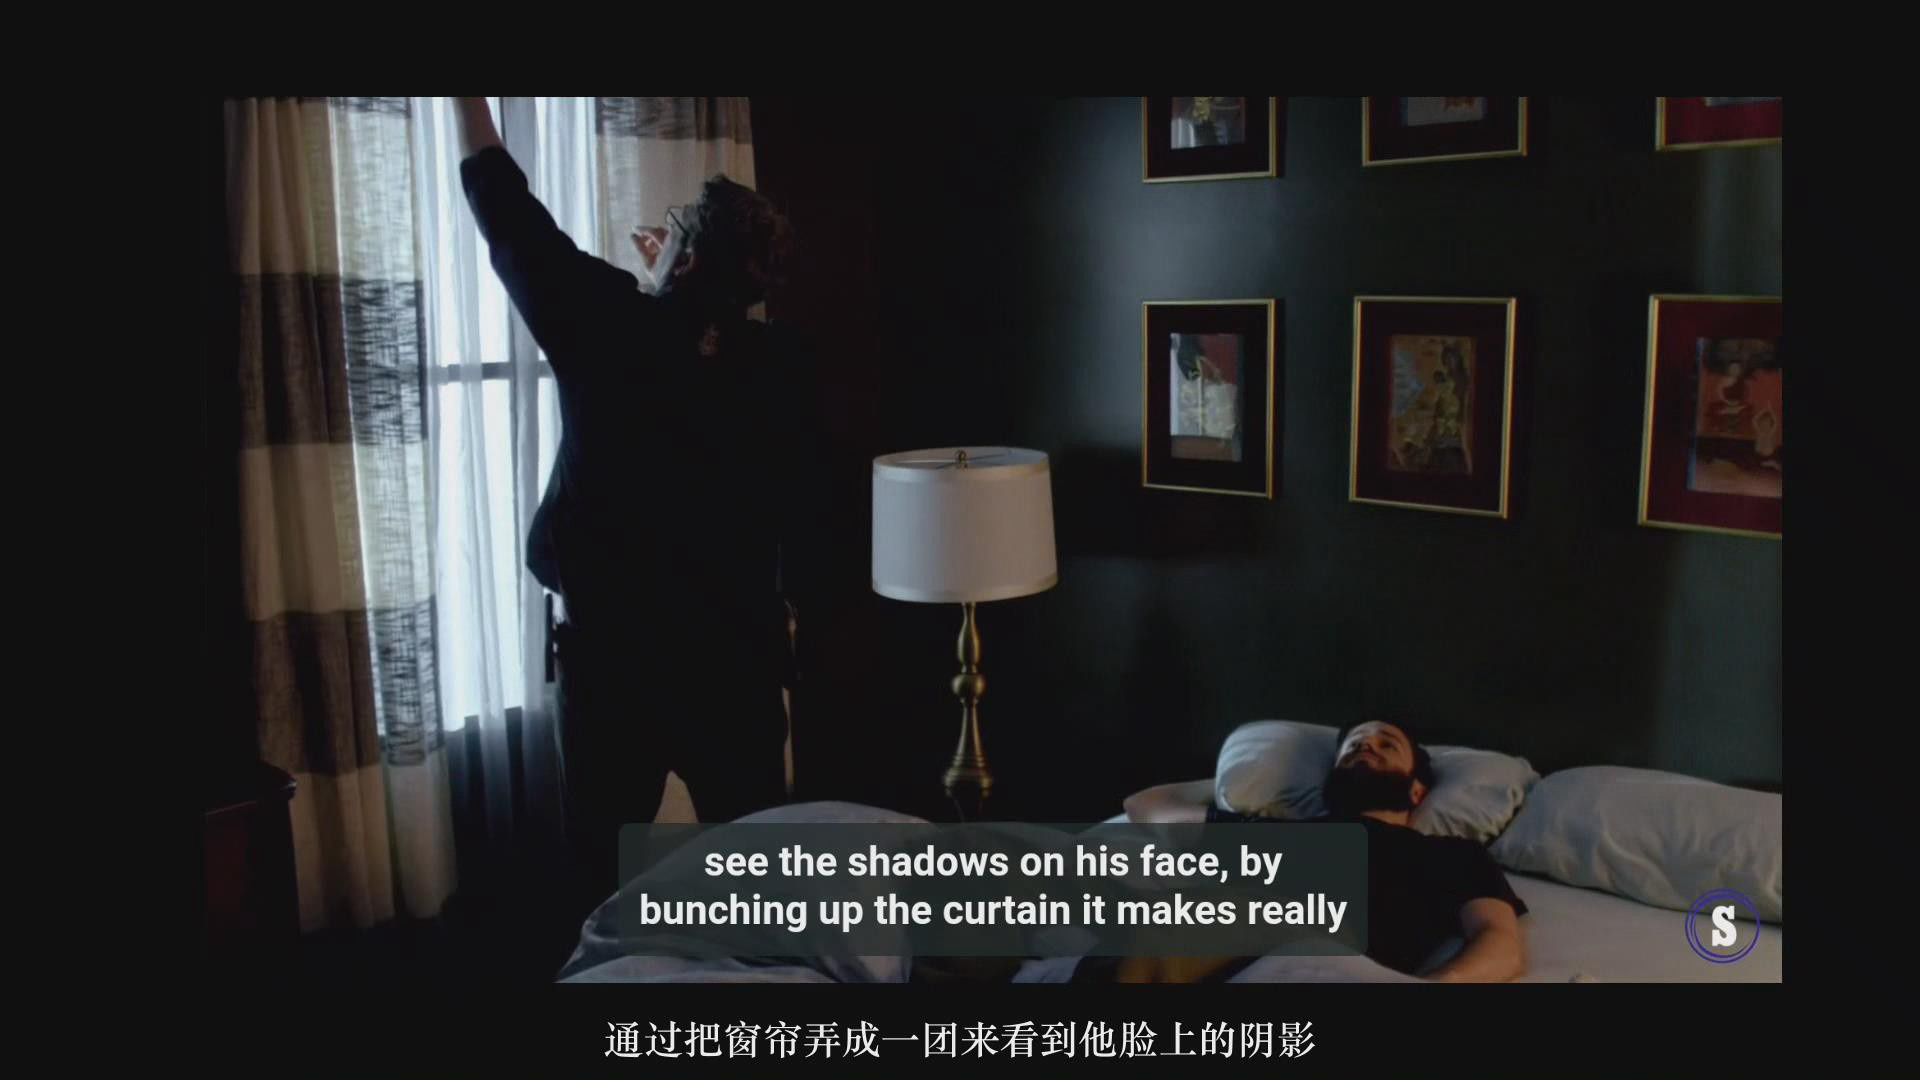 摄影教程_Hurlbut Academy–如何为电影在夜景室内场景布光营造自然外观-中文字幕 摄影教程 _预览图8